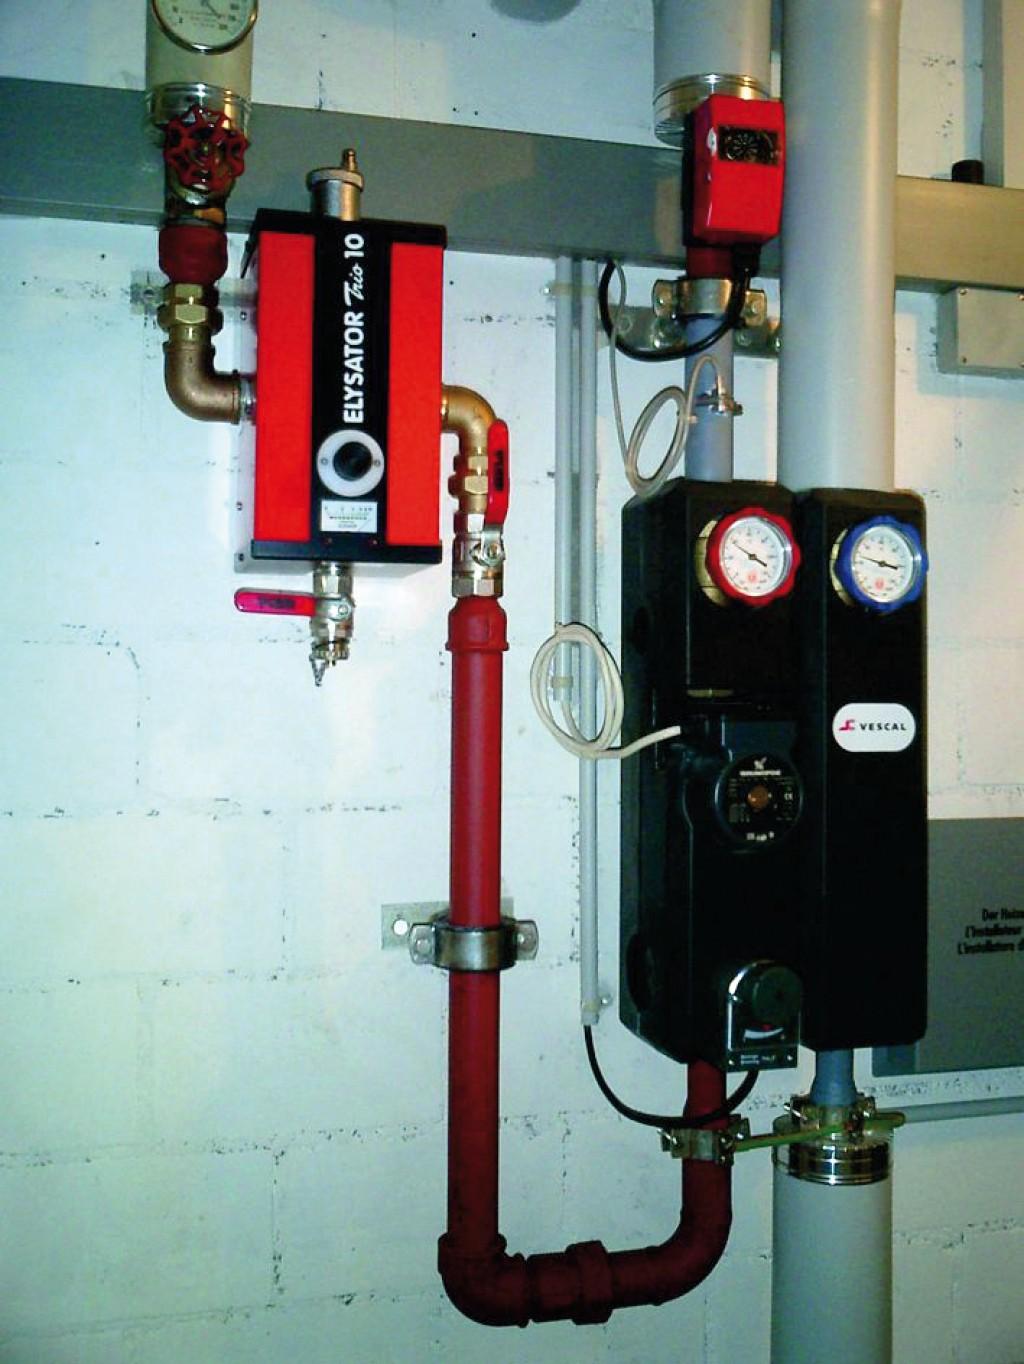 Elektrochemisches Korrosionsschutzgerät im direkten Heizkreis Bild: Elysator Engineering GmbH